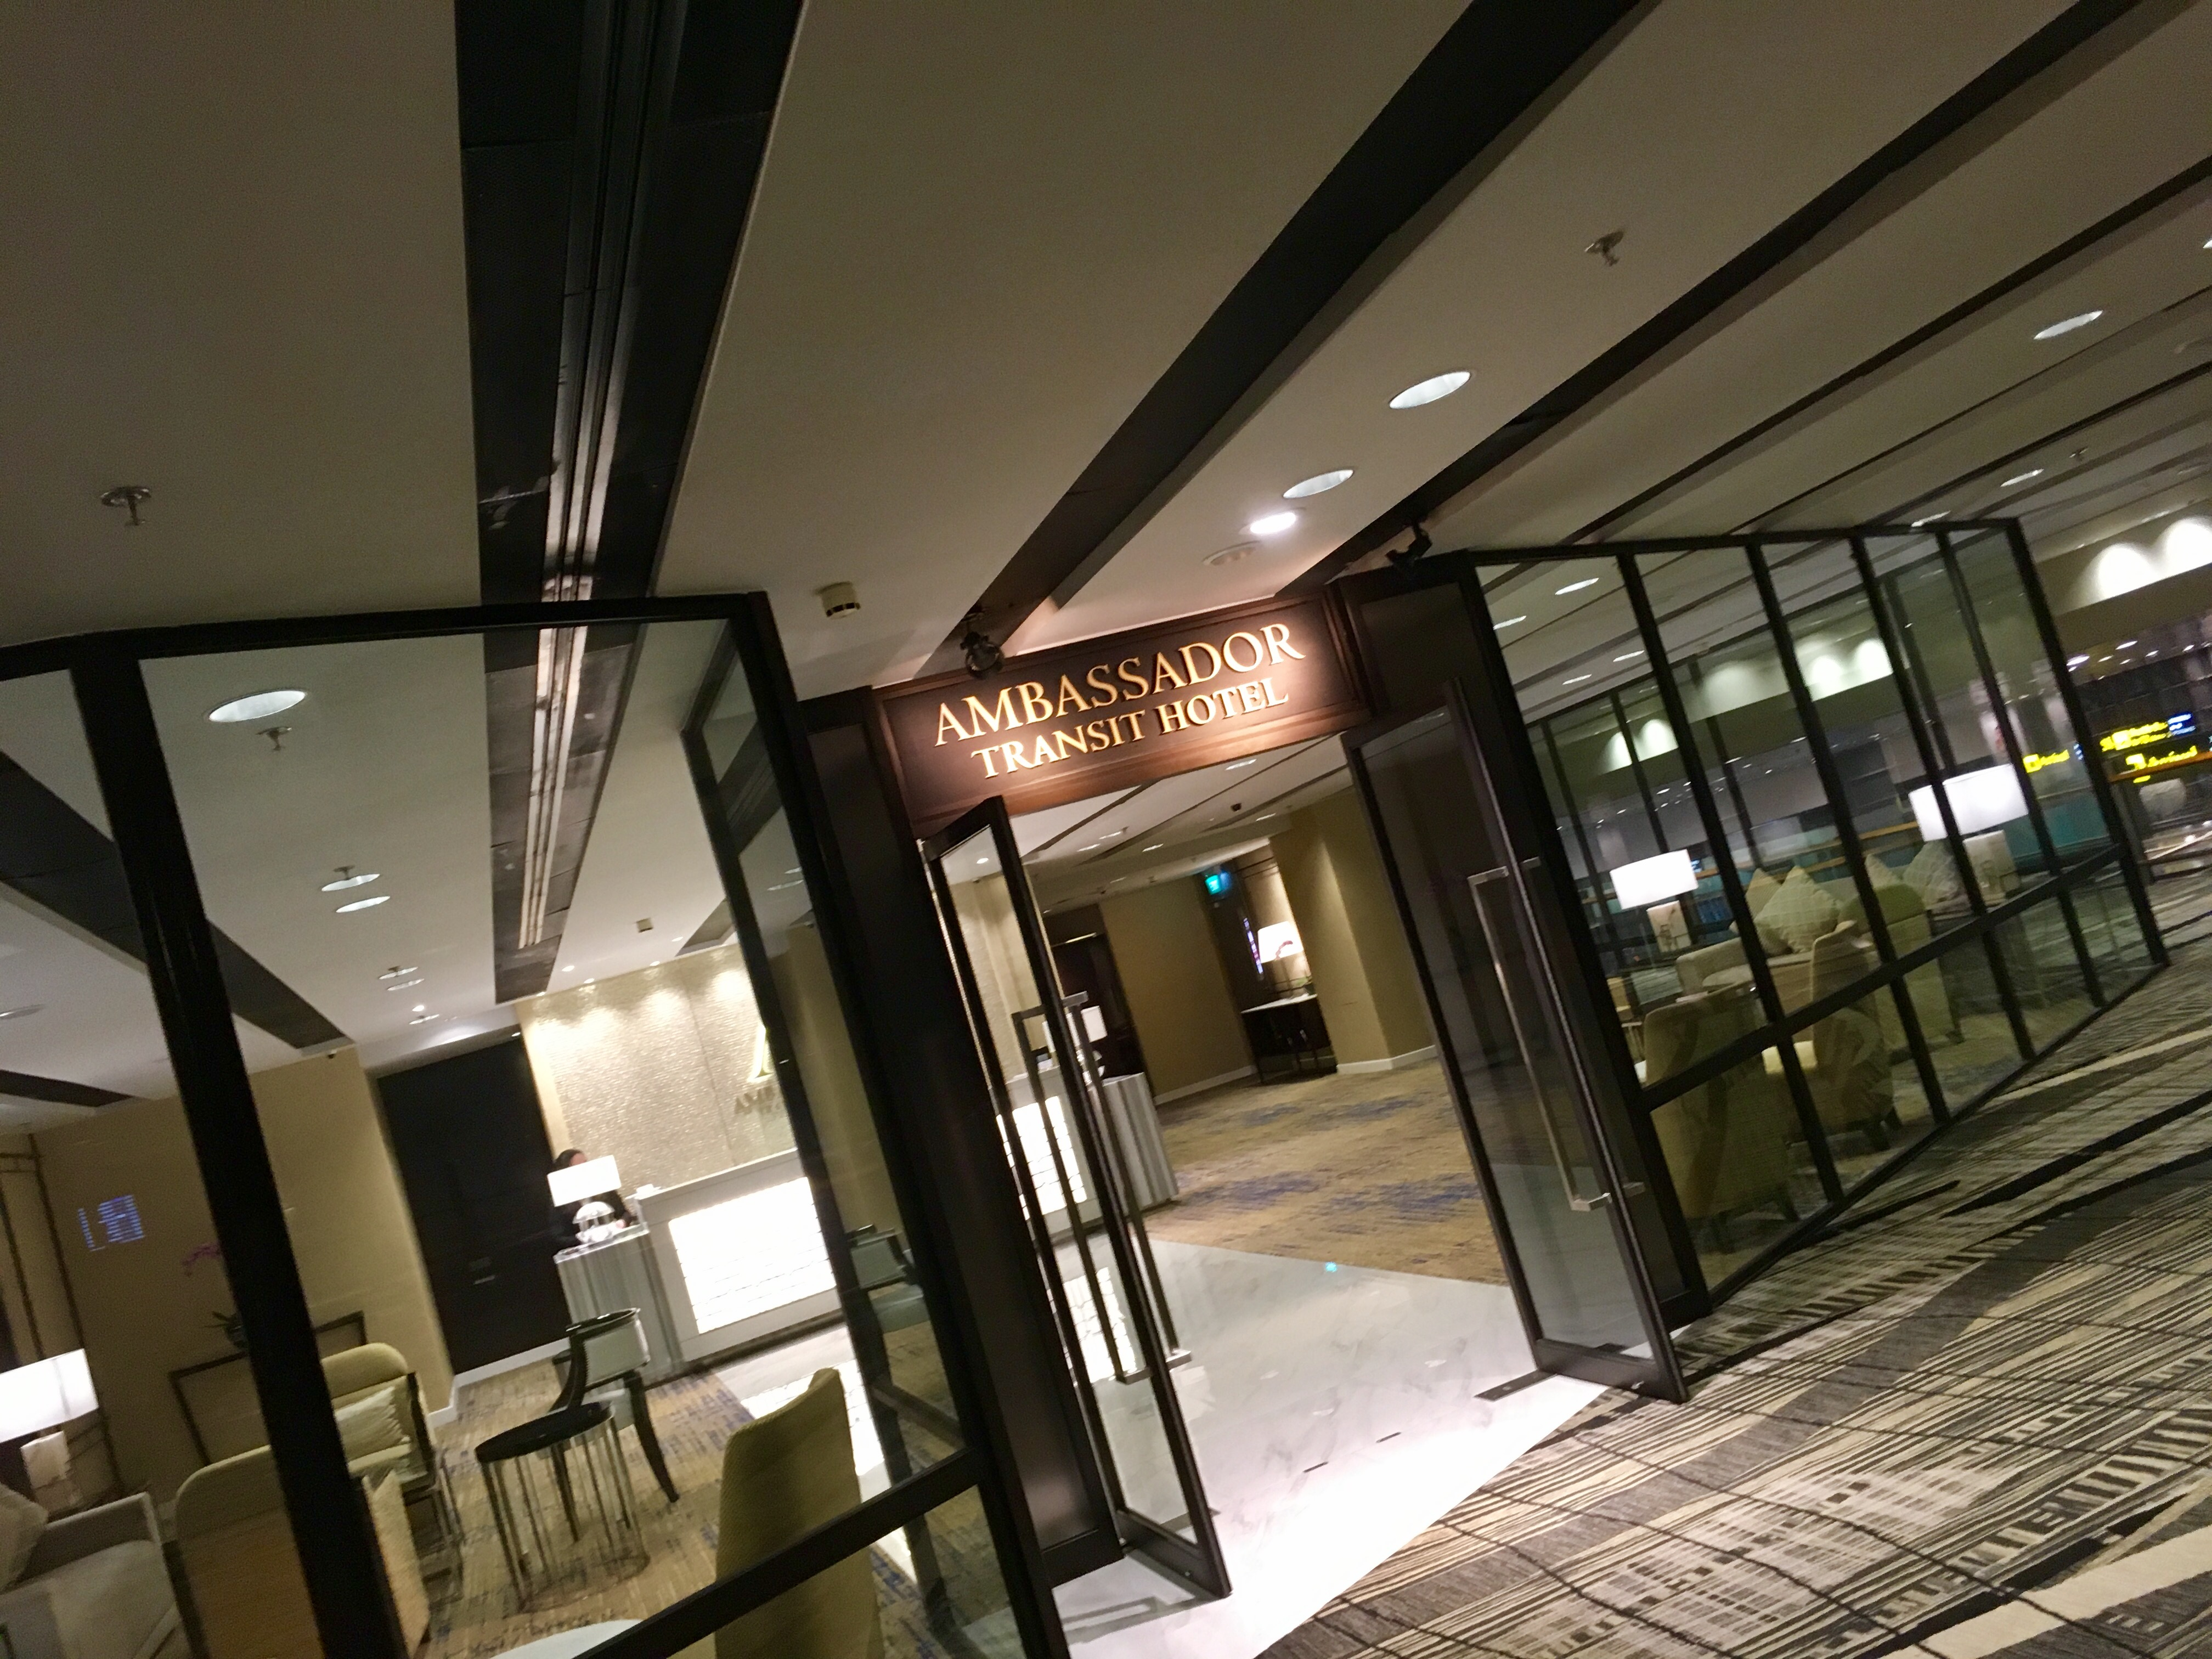 ★【深夜のシンガポールトランジット】チャンギ空港ターミナル3のホテルで一夜を過ごしたのさ。【AMBASSADOR TRANSIT HOTEL】